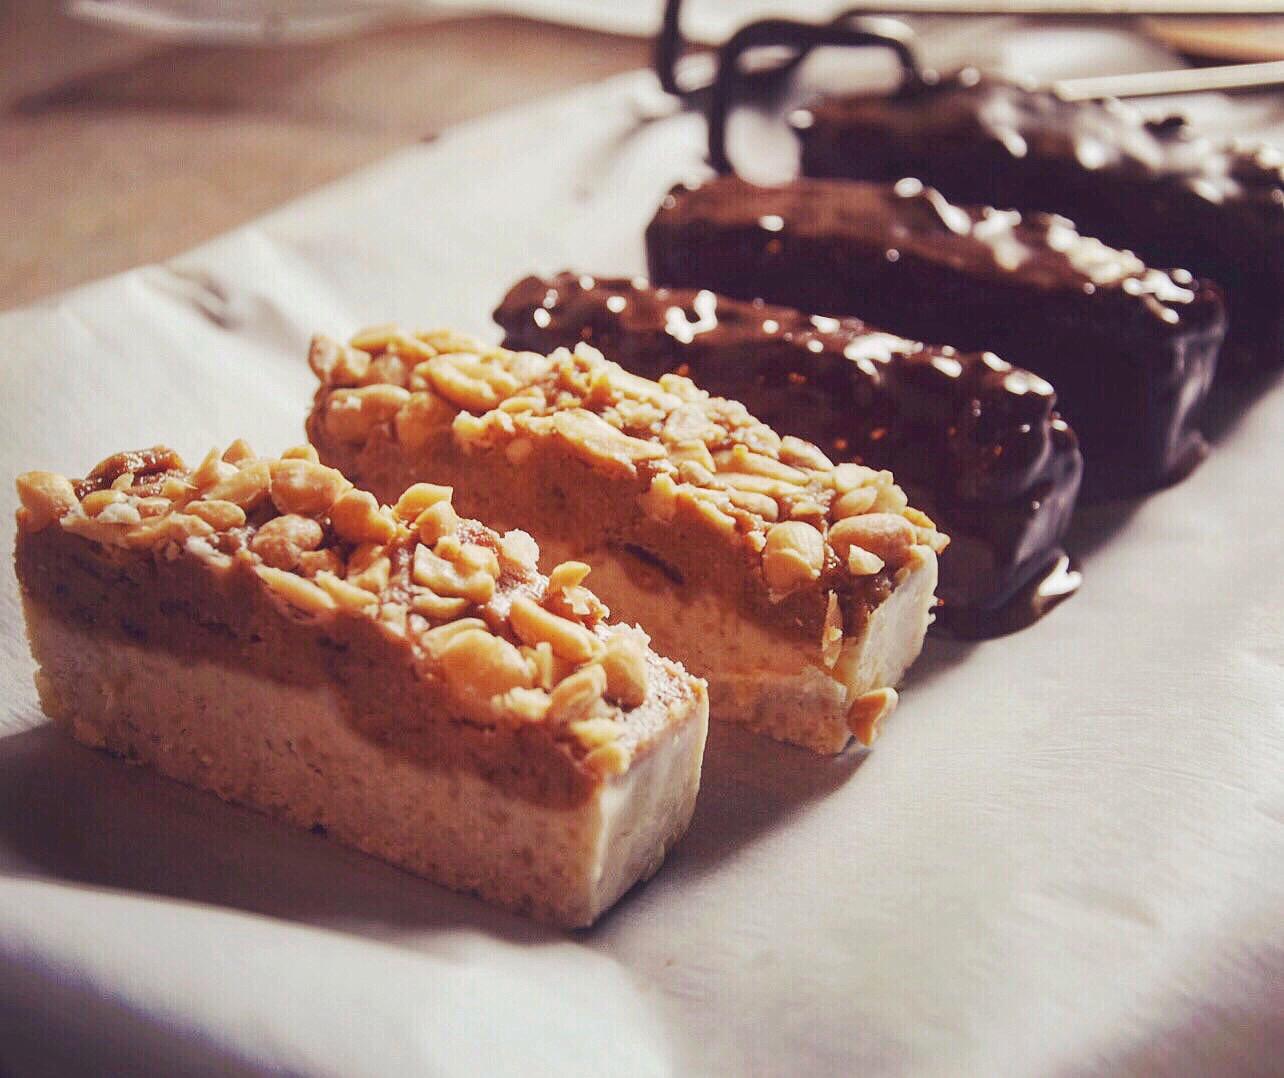 zdrowe snickersy